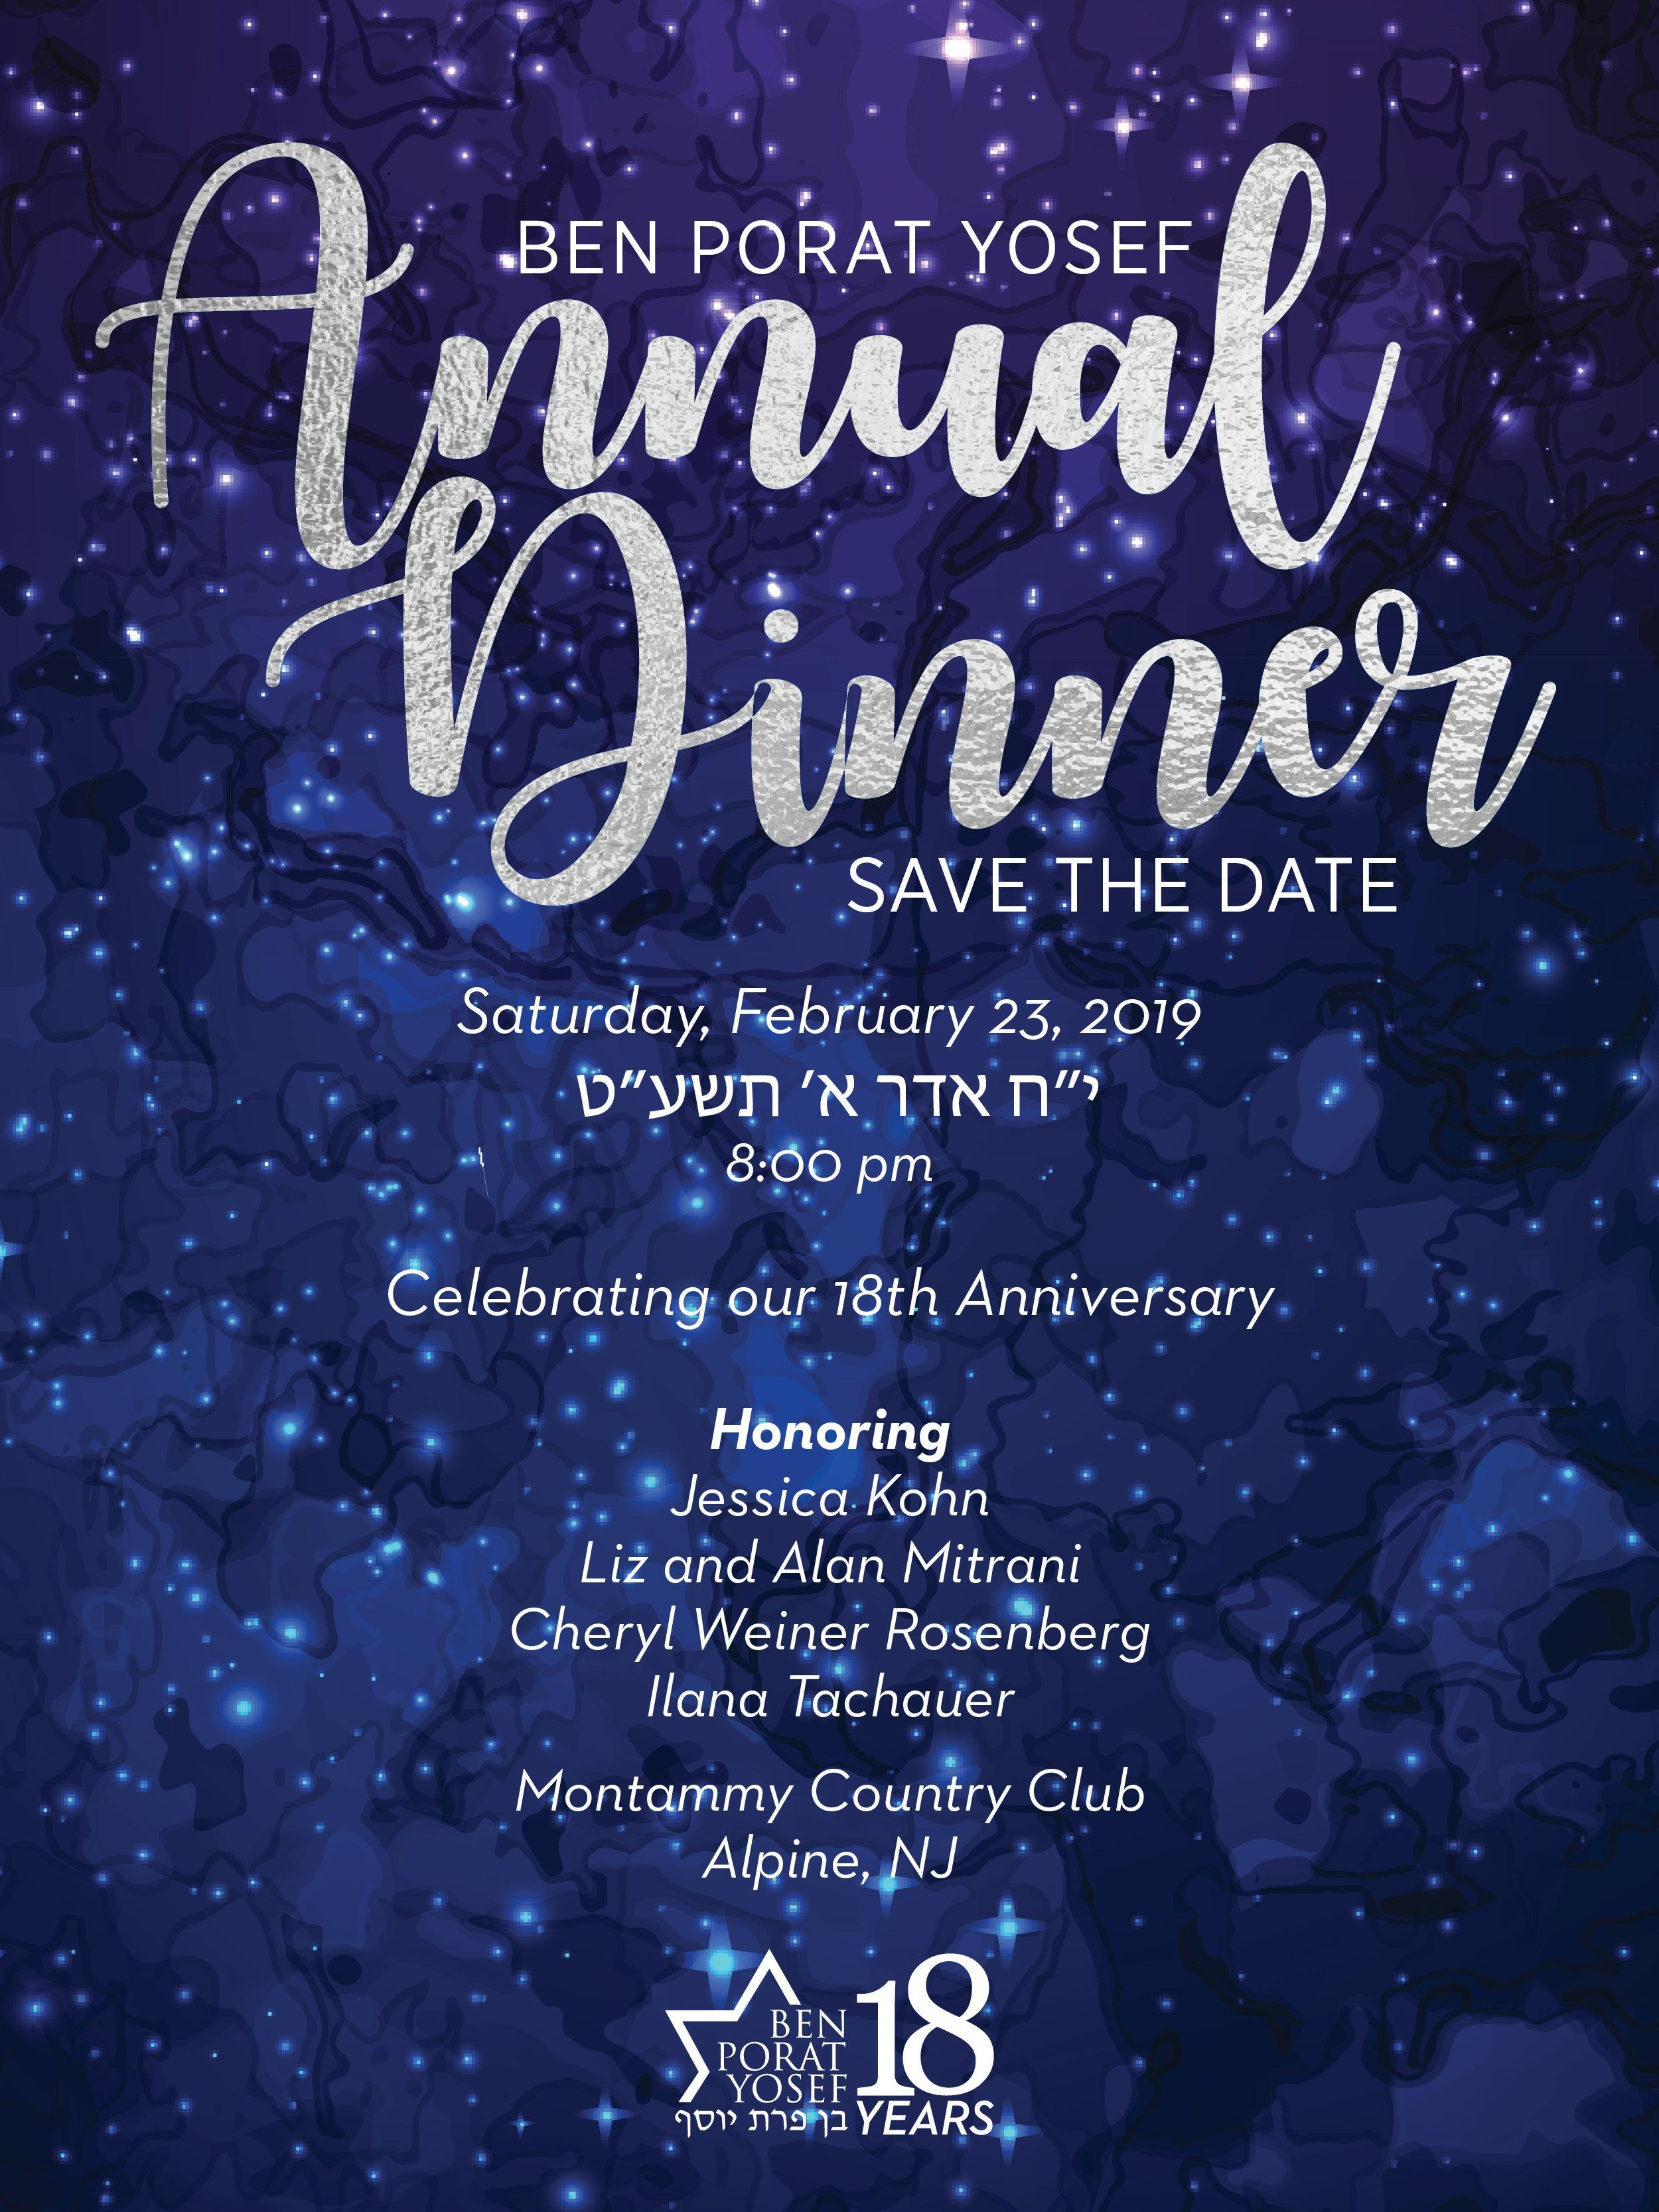 Ben Porat Yosef Annual Dinner February 23, 2019 / 19 Adar I 5779